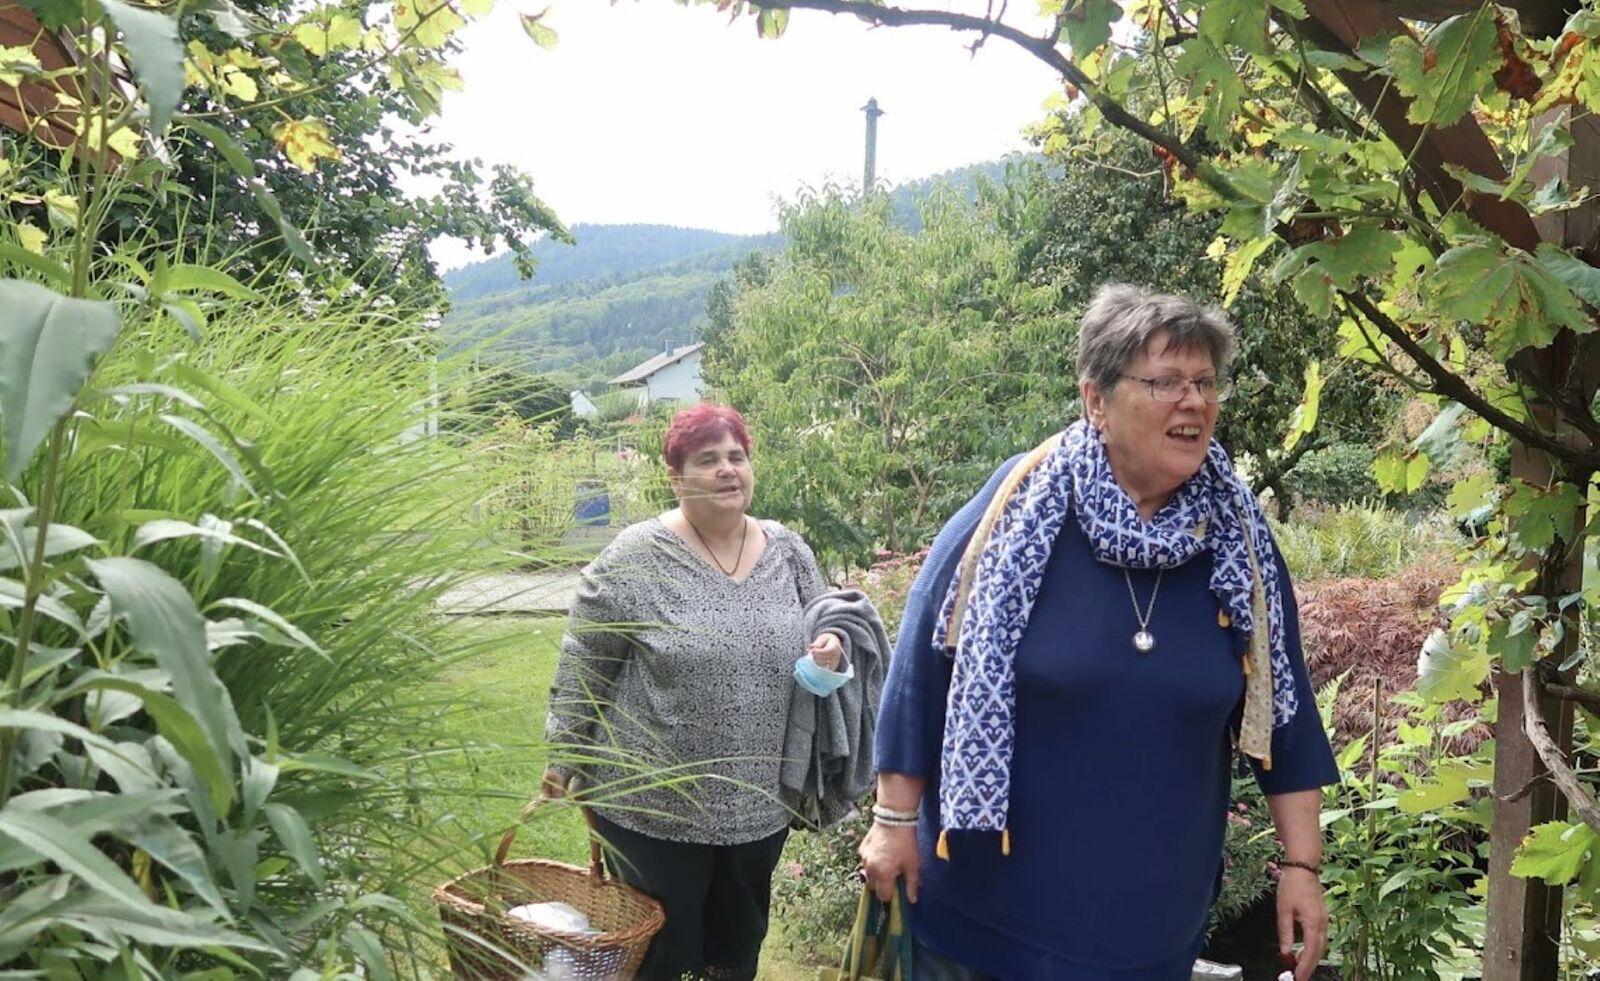 Merci à Bernadette et Christian de nous recevoir chaque année dans leur agréable jardin